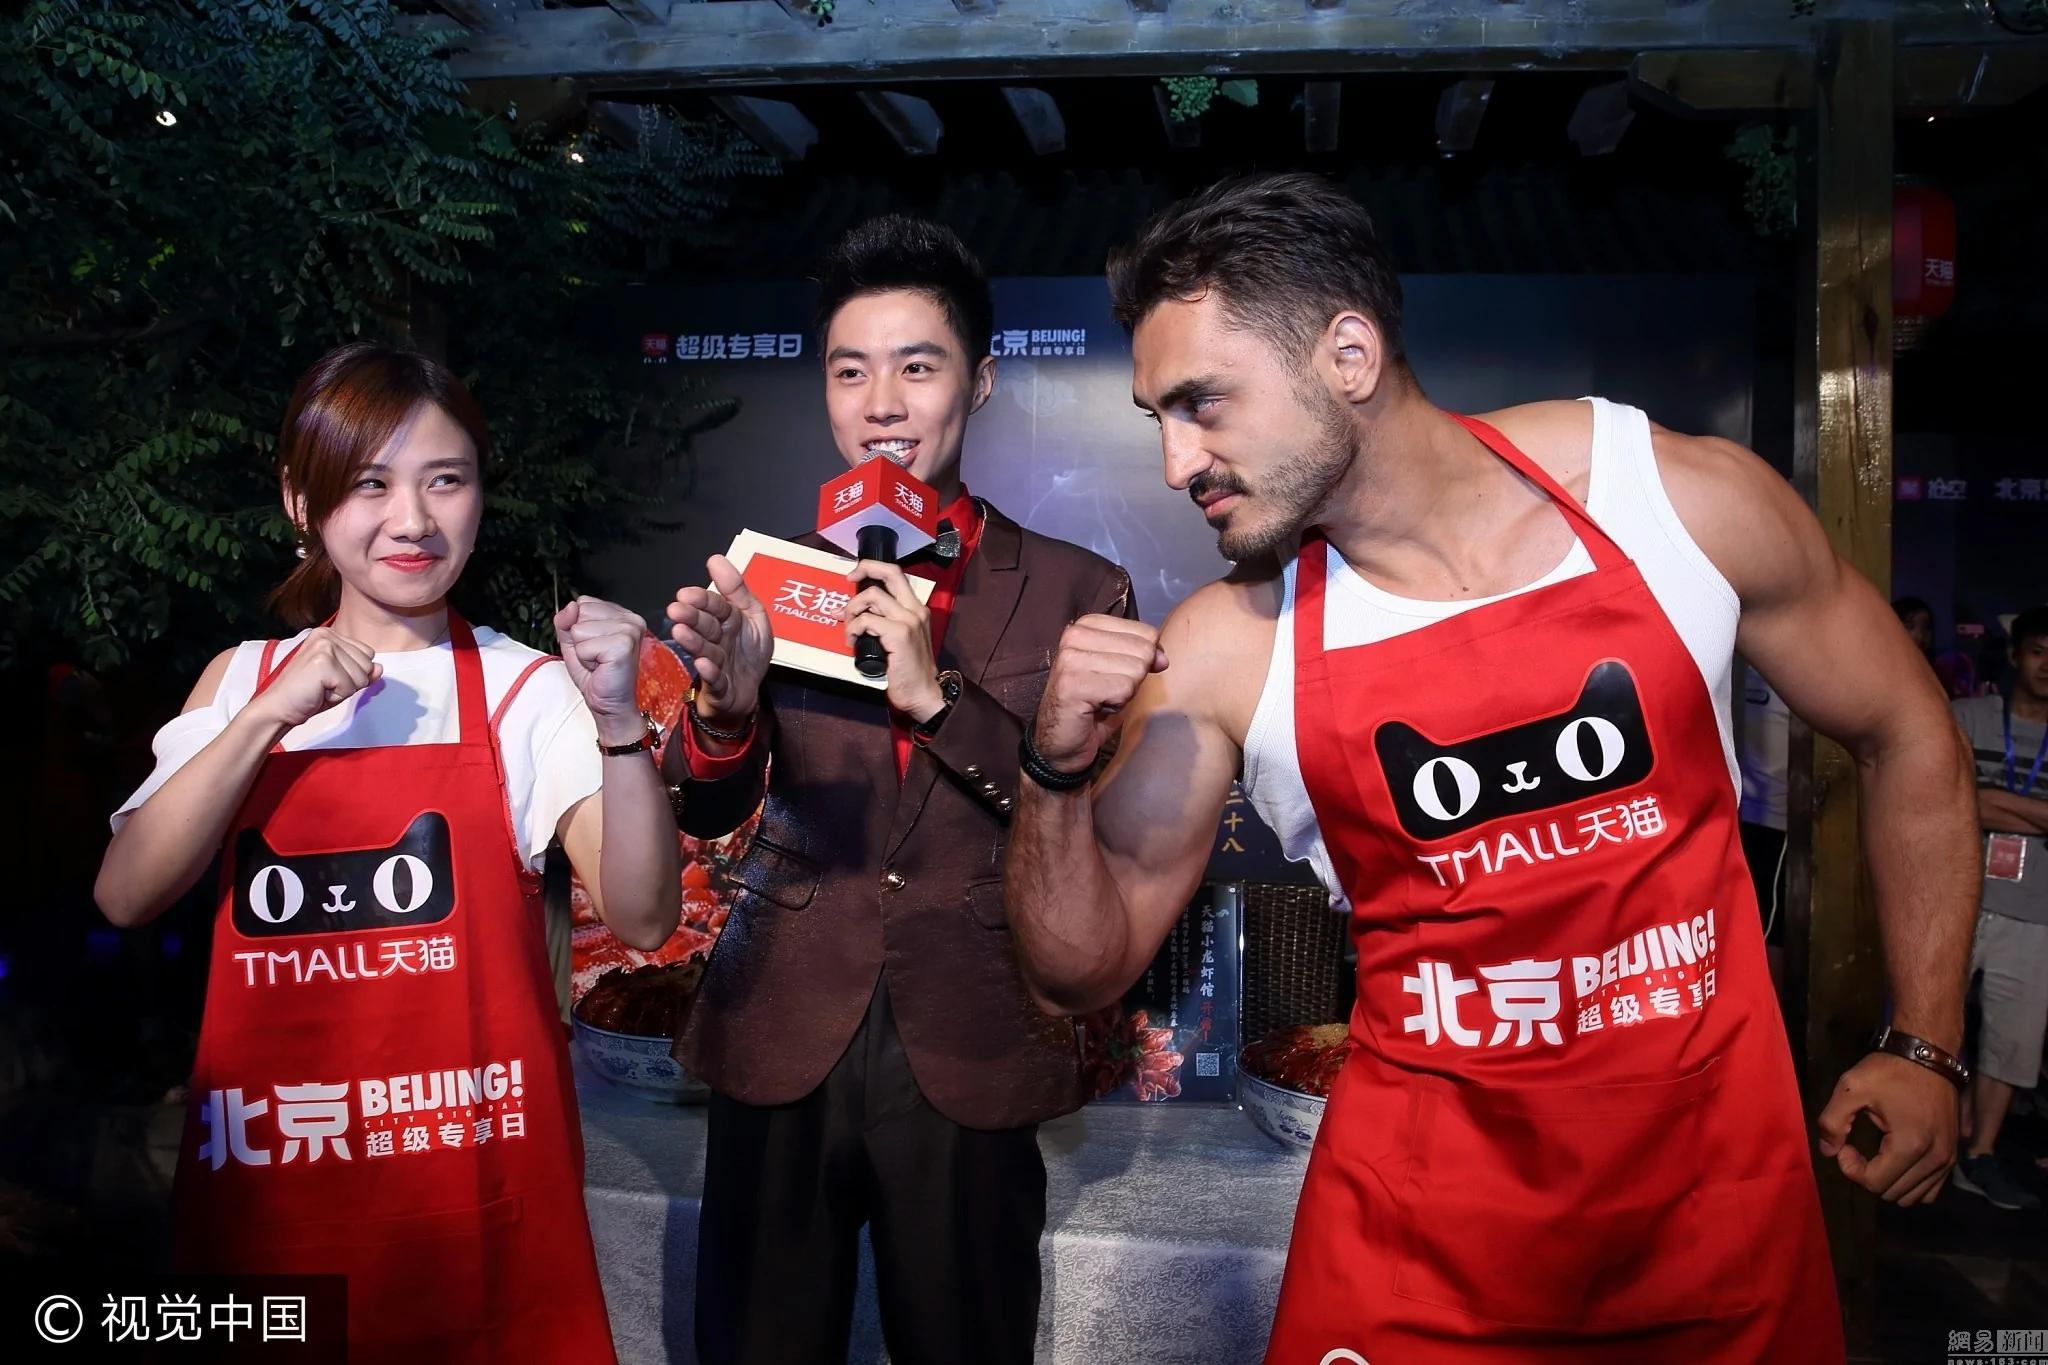 中国美女大胃王狂撸40斤小龙虾 干掉洋壮汉